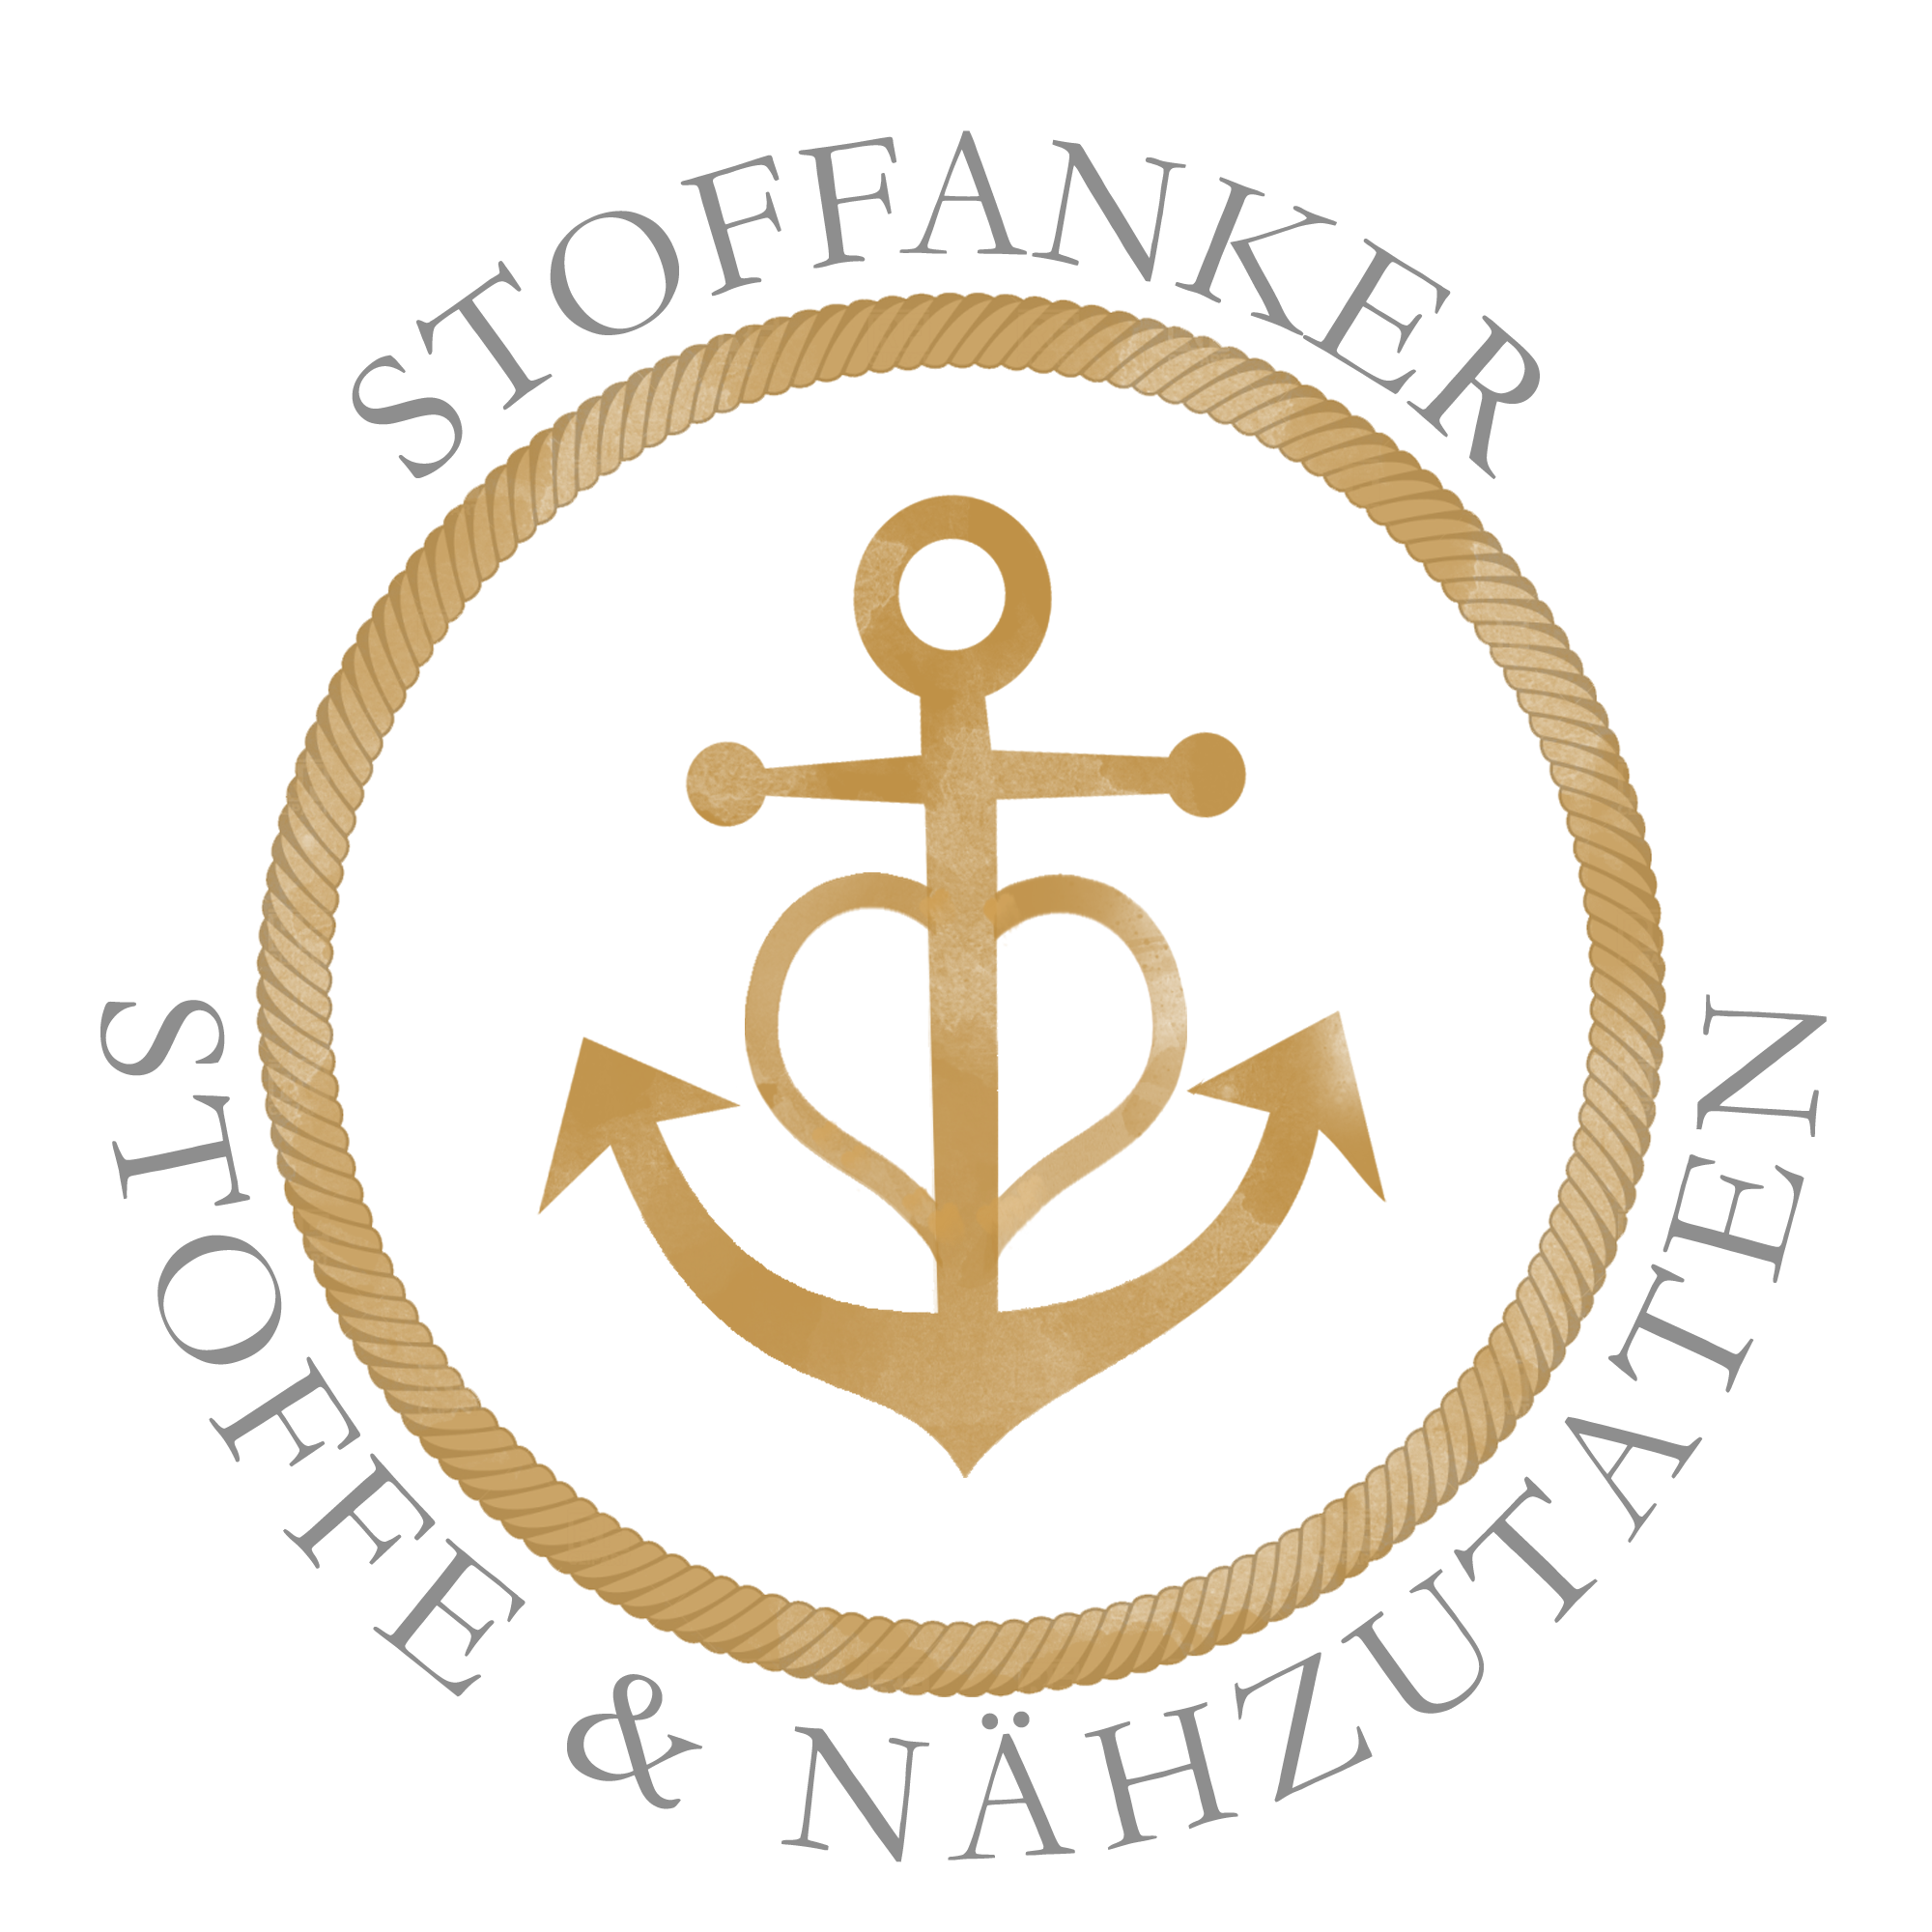 stoffanker.de-Logo